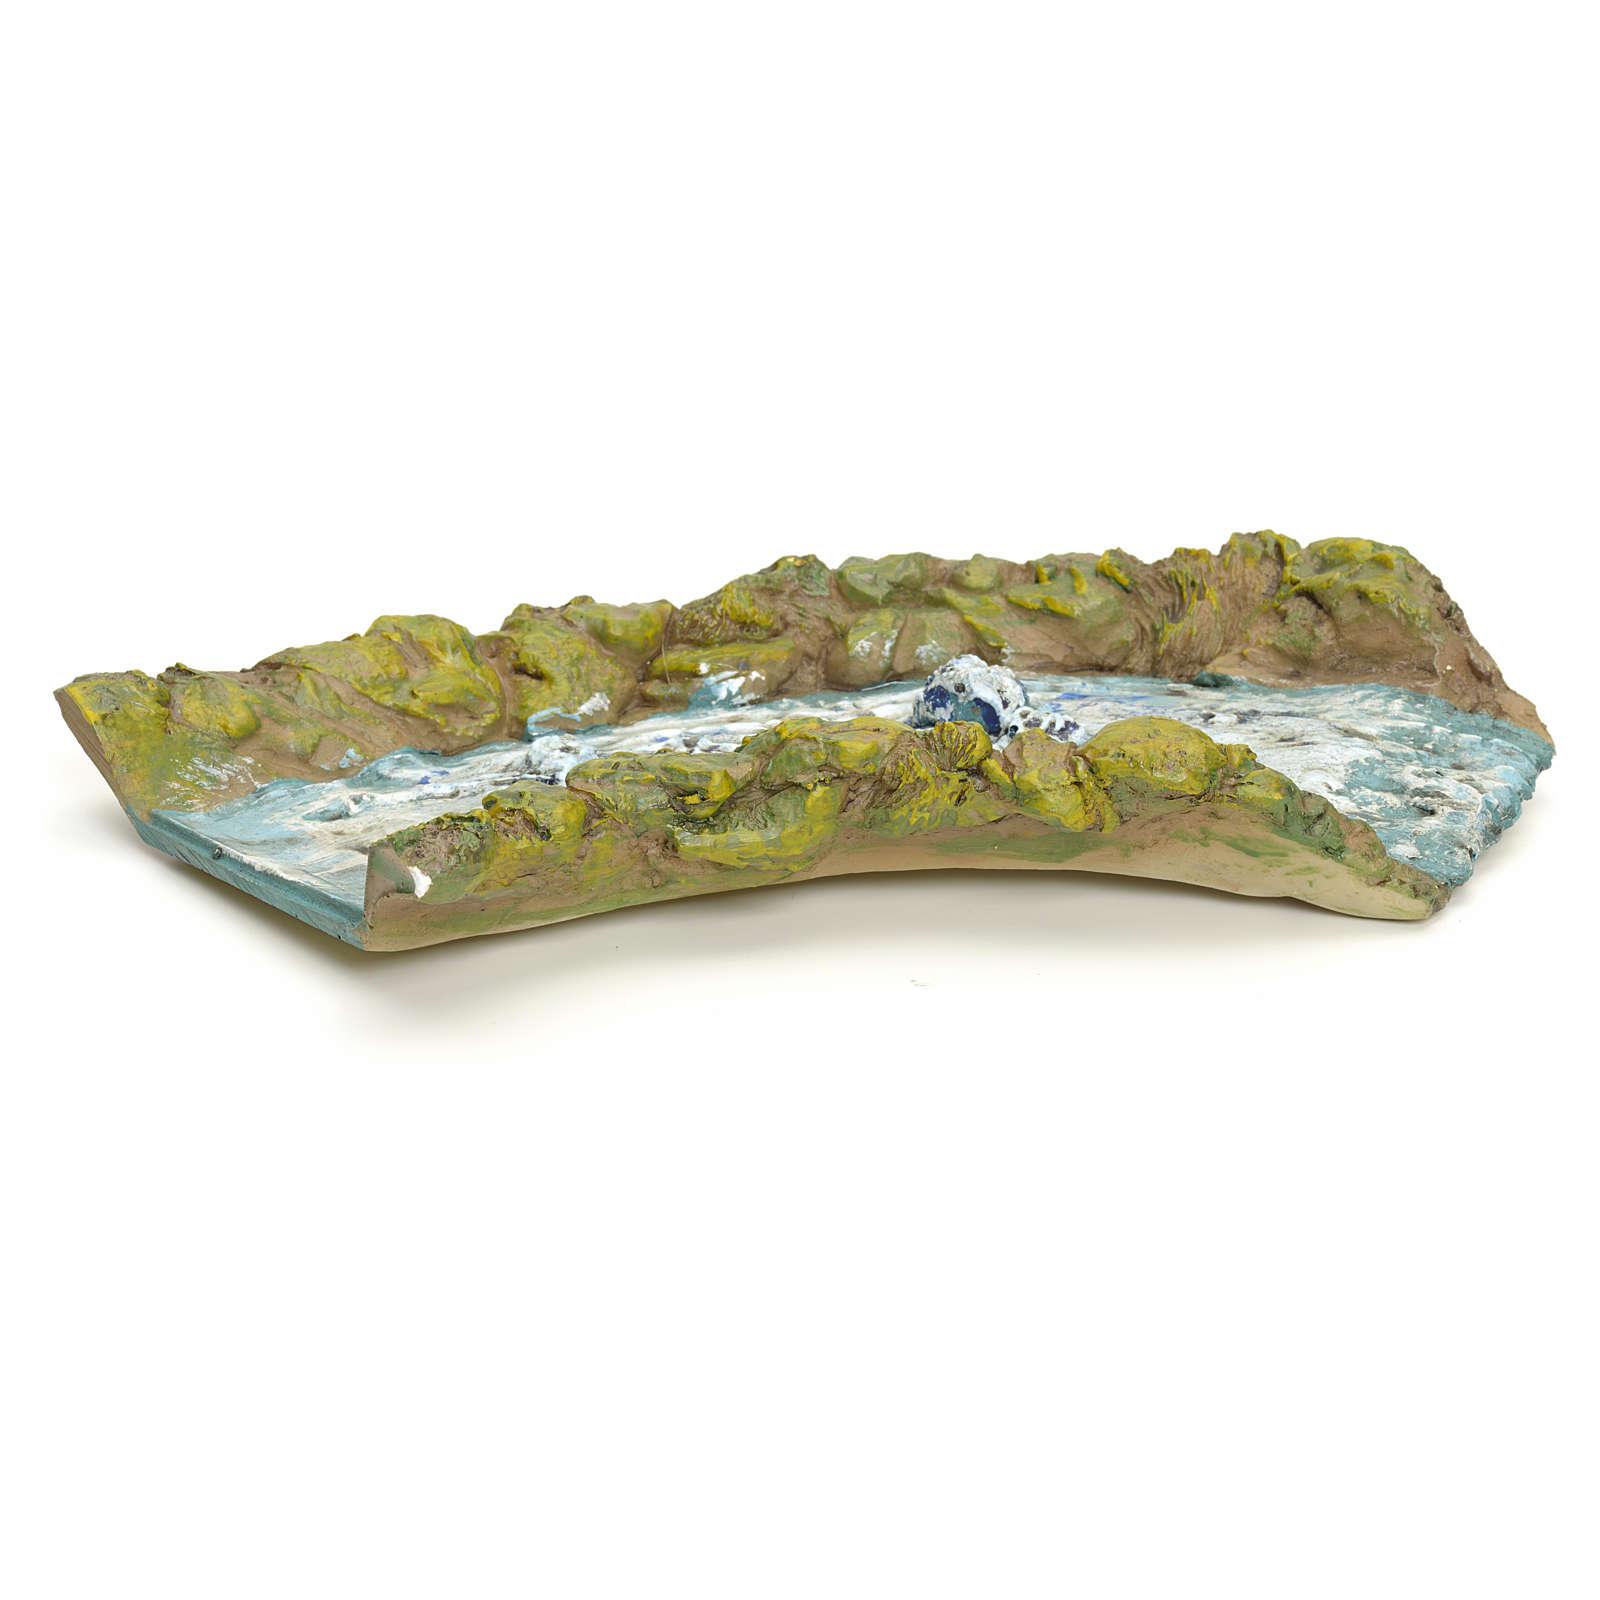 Tratto di ruscello presepe in resina cm 27.5x14x4 4